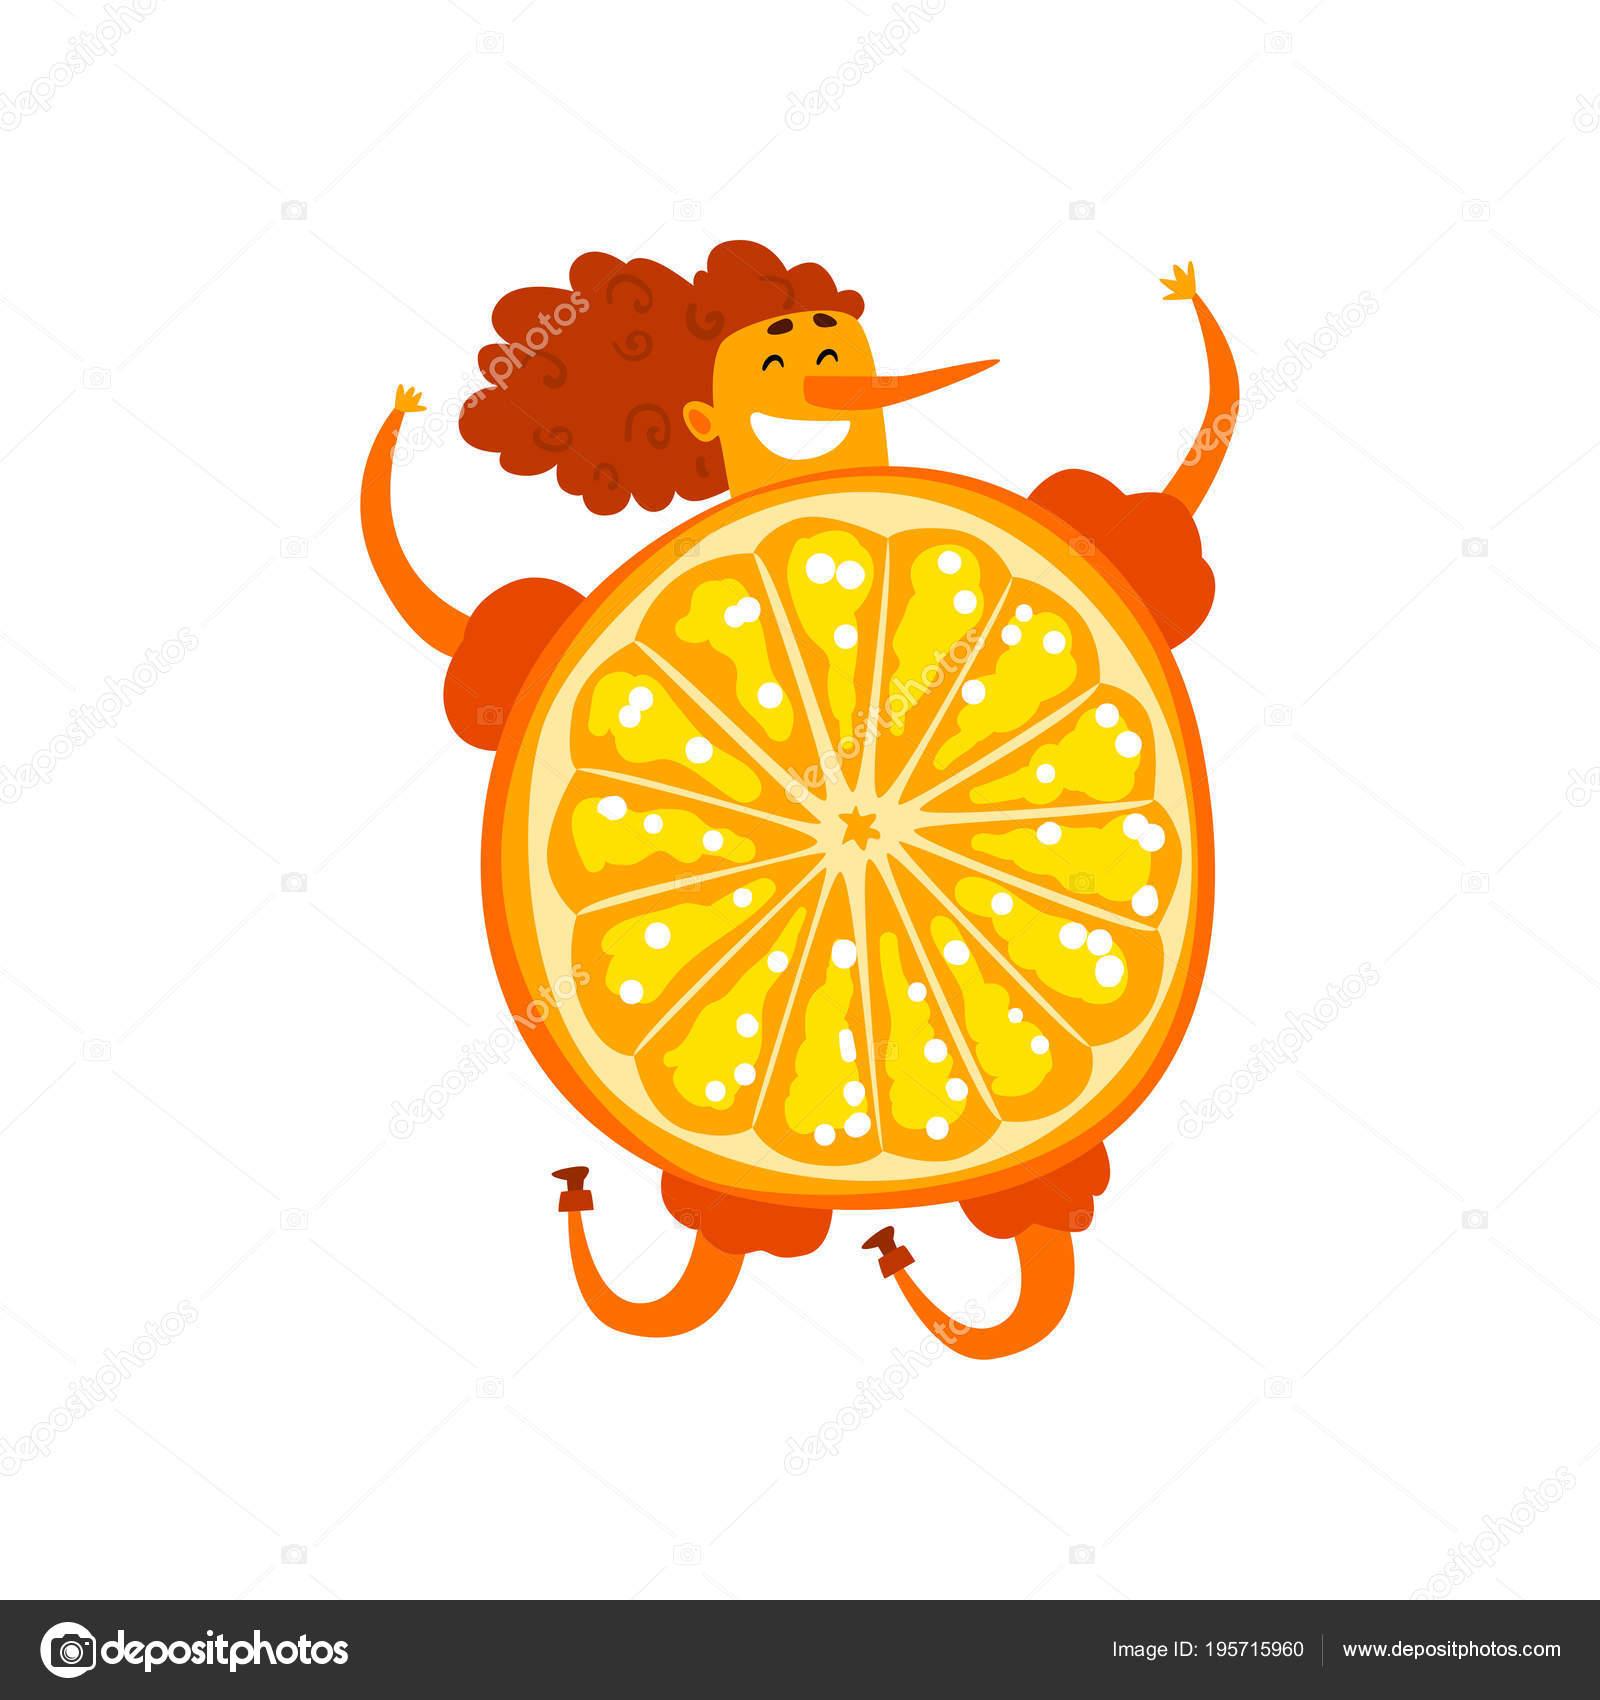 Orange Fruit Cartoon Picture